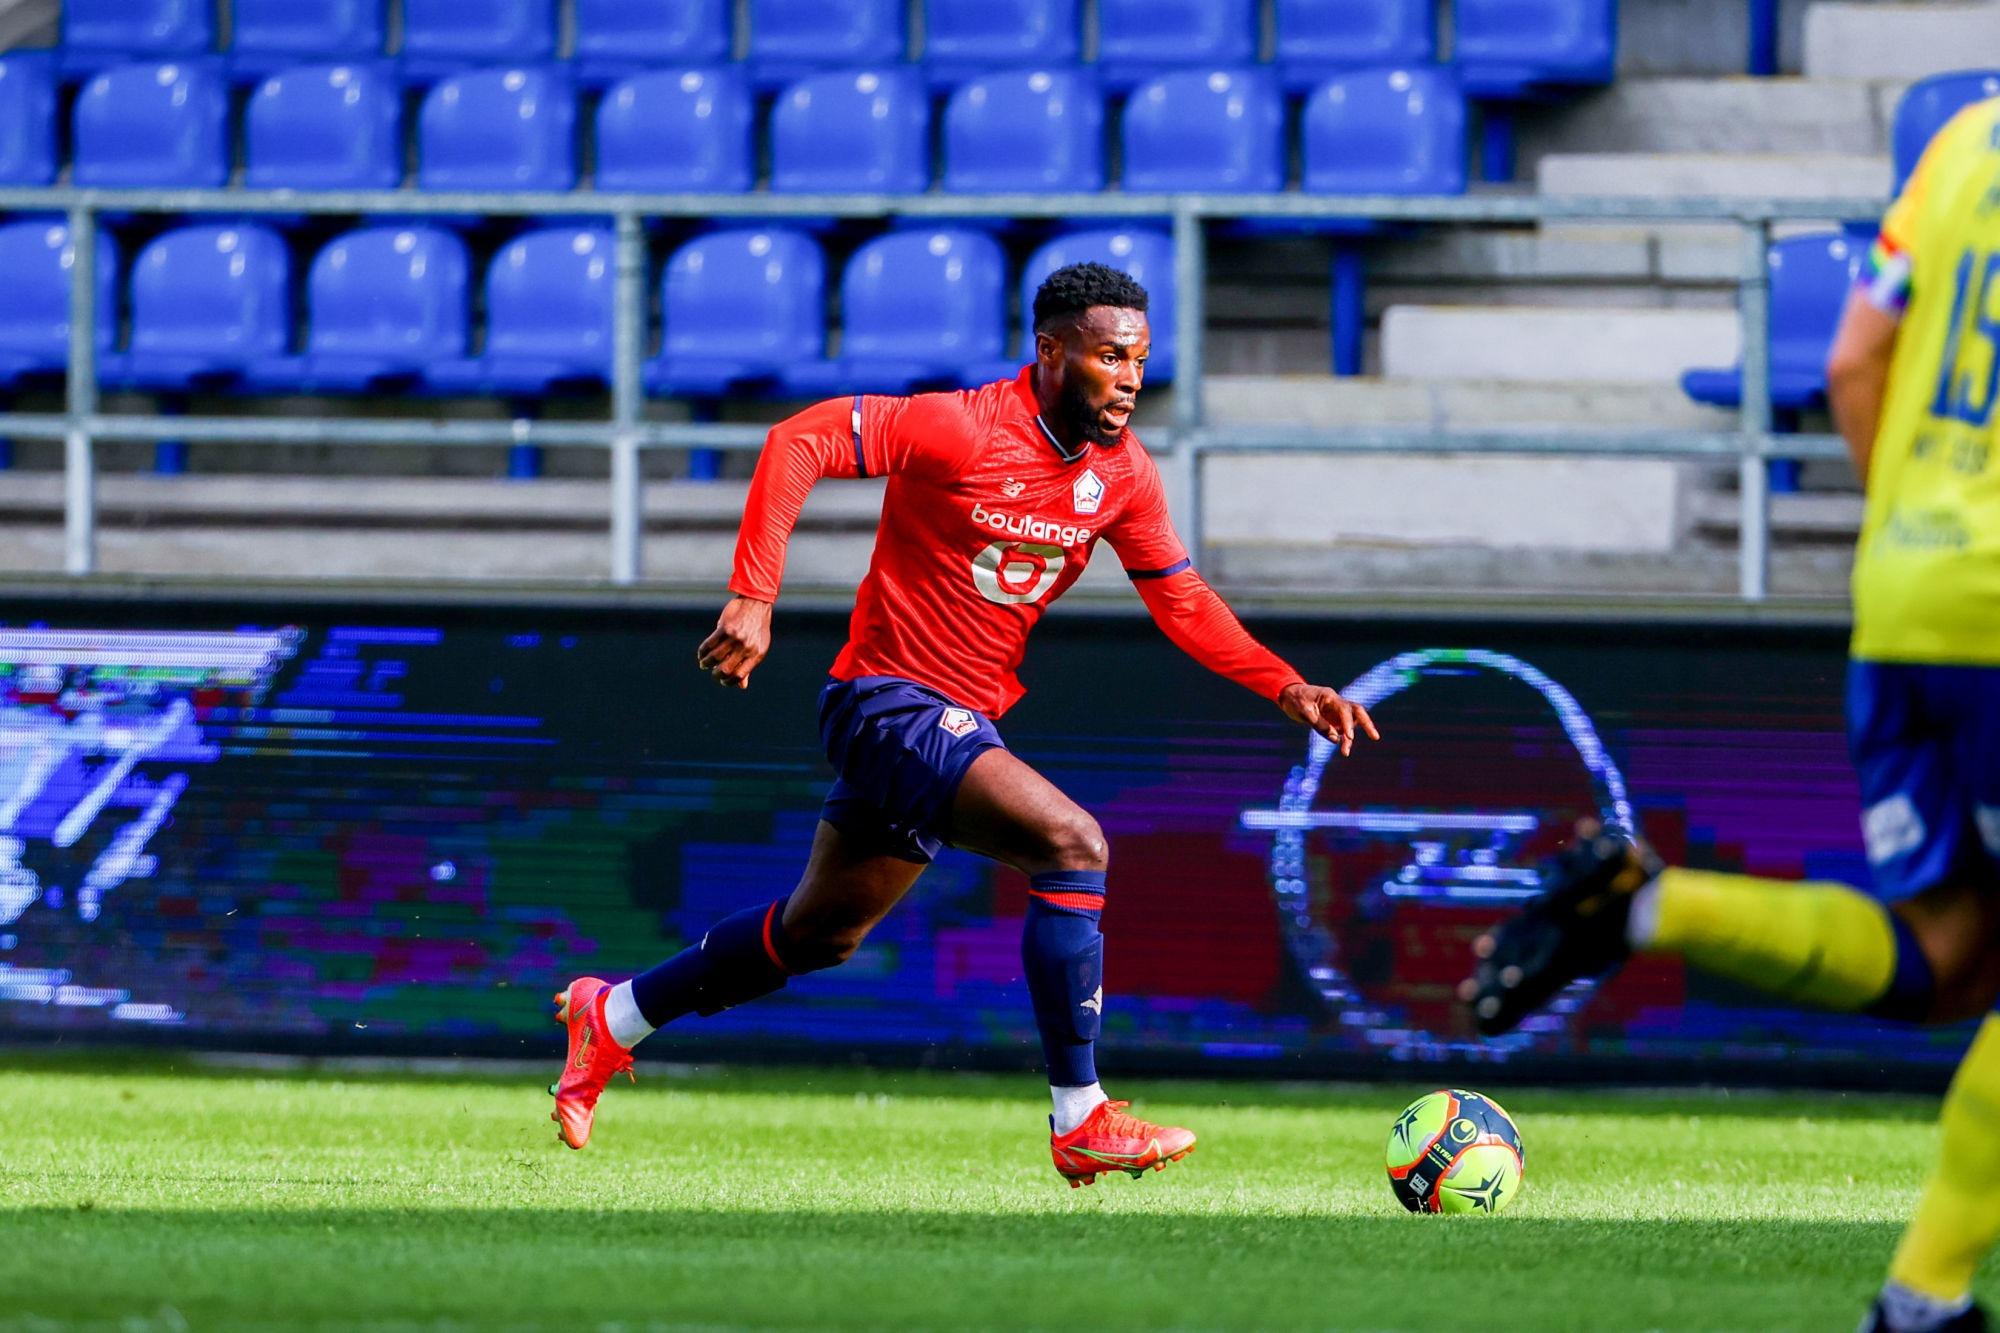 """Lille/PSG - David évoque le Trophée des Champions """"On va jouer pour gagner"""""""